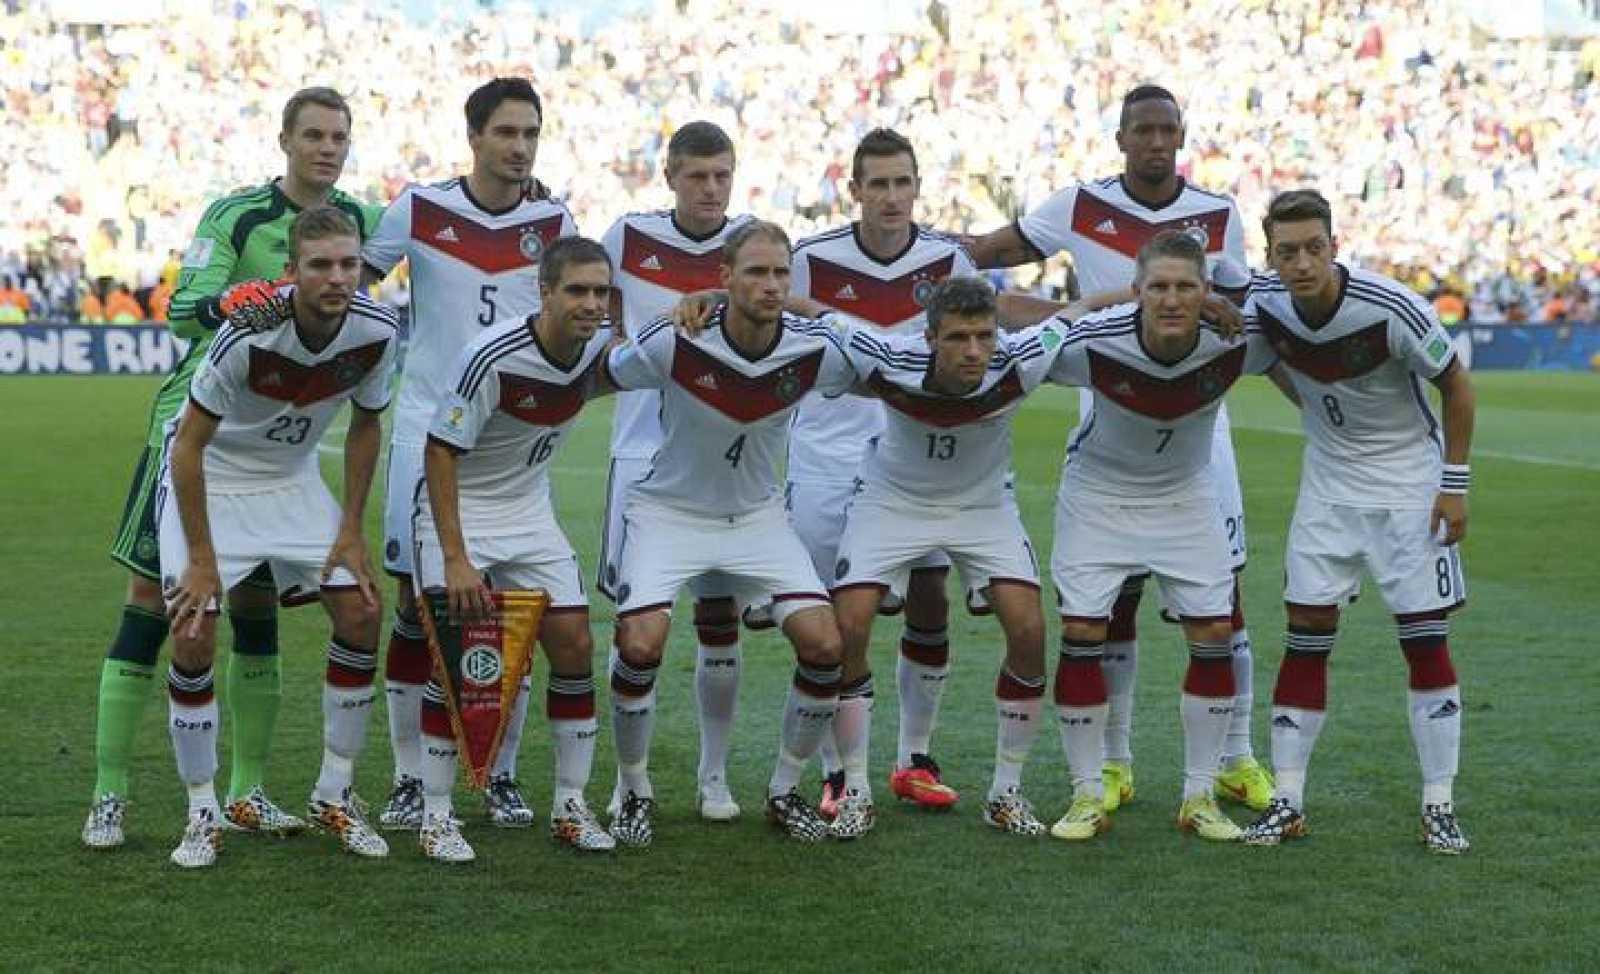 La selección de Alemania, antes de la final